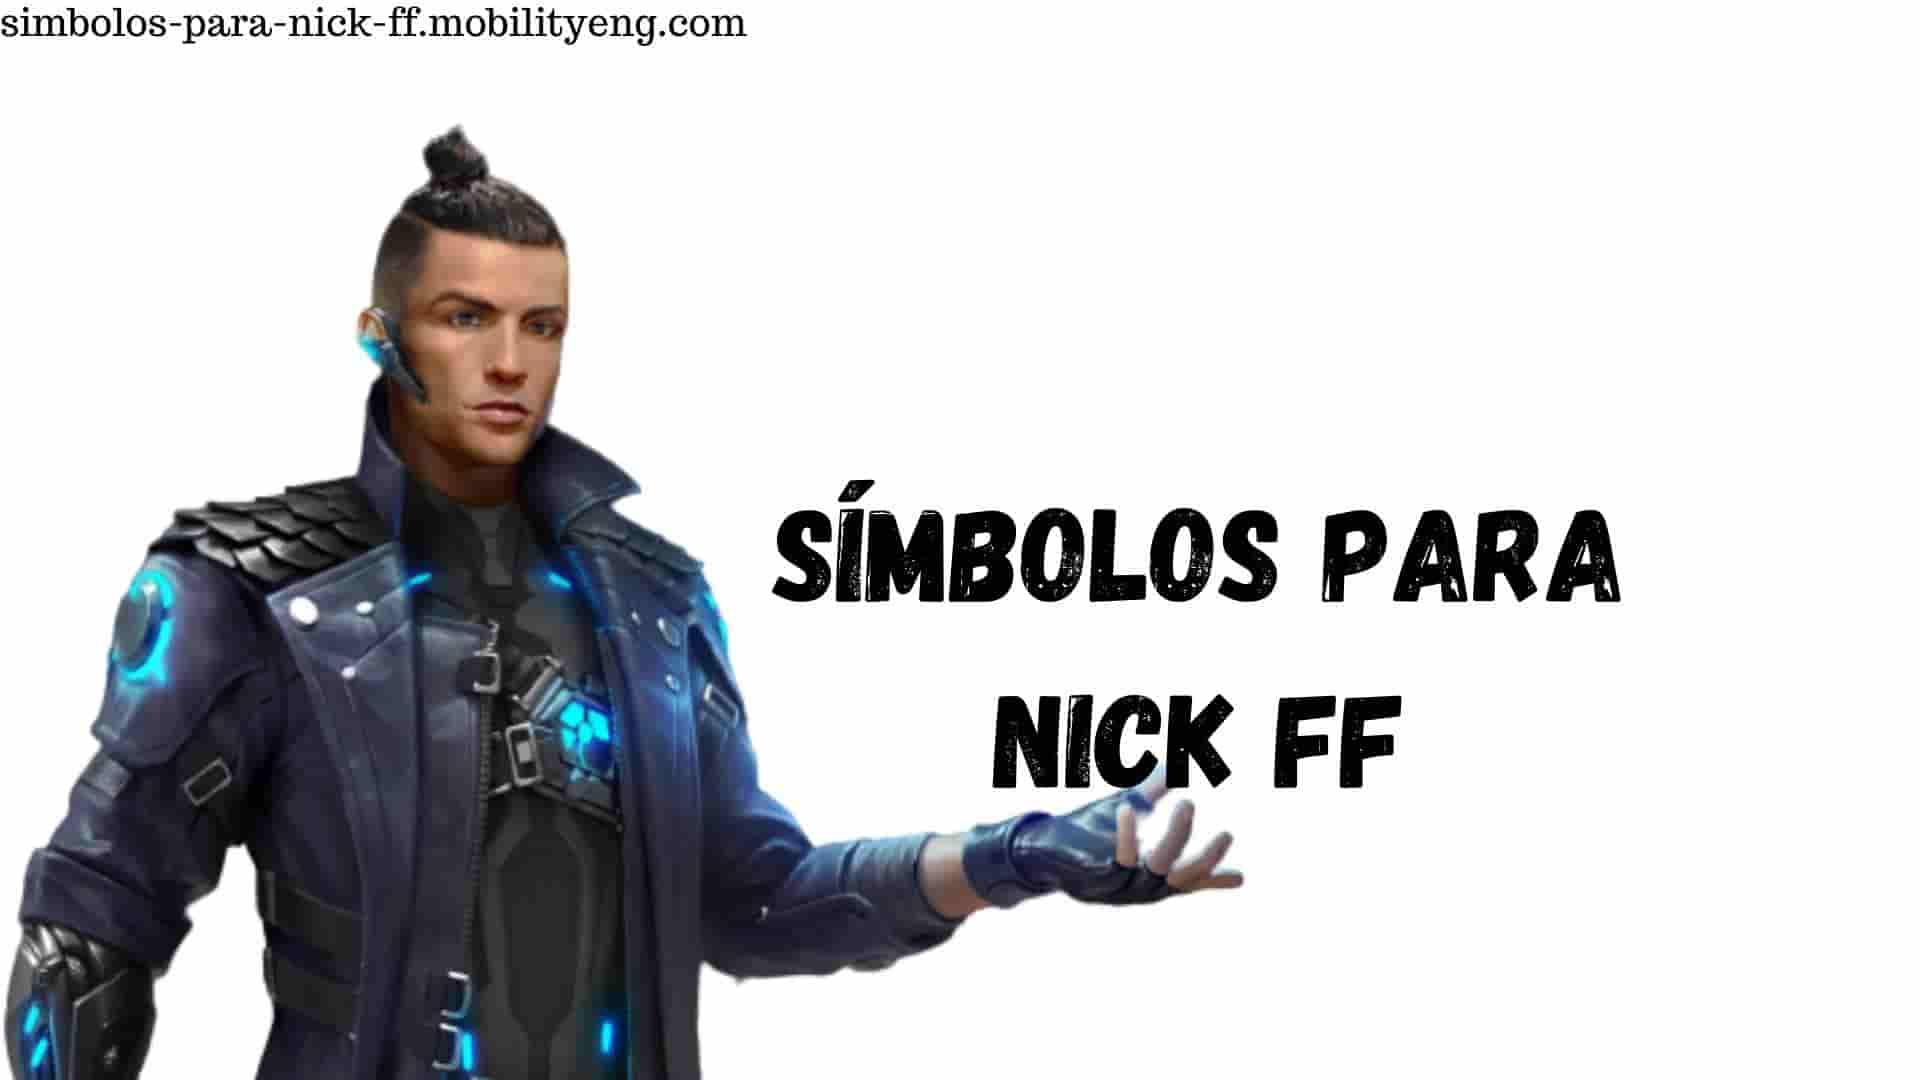 símbolos para nick ff